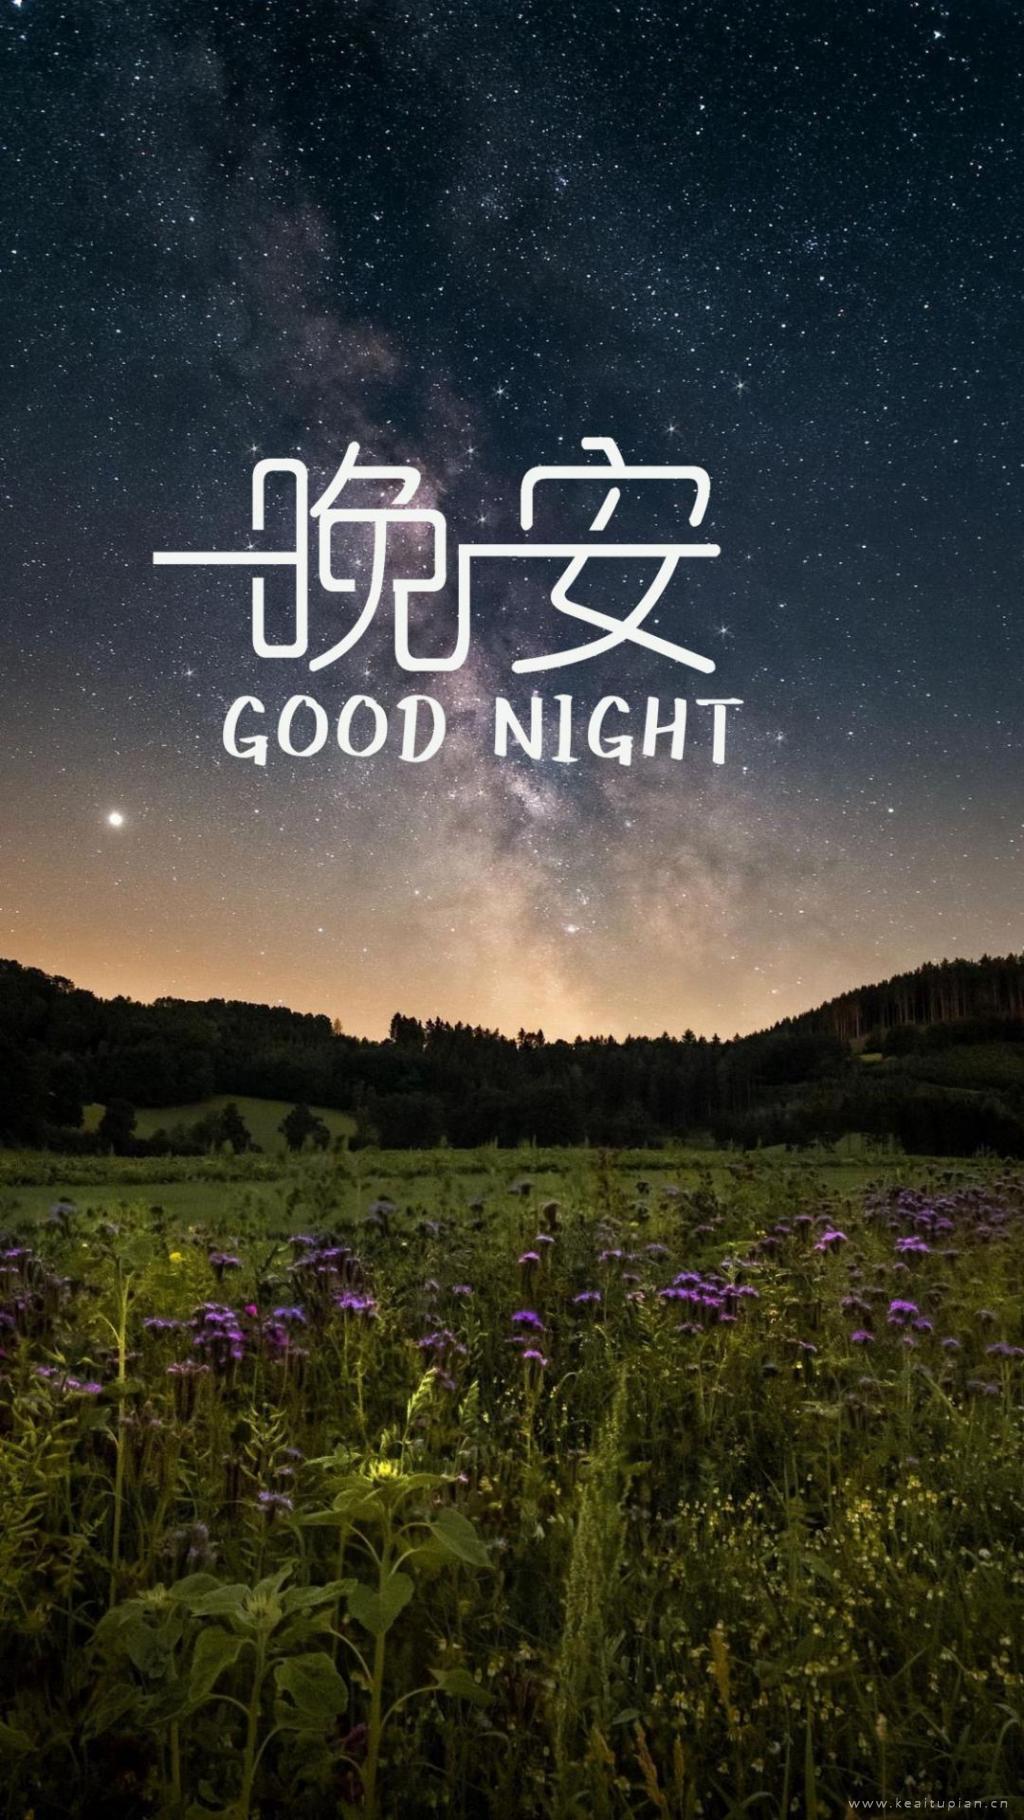 晚安夜景|唯美繁星下的户外风景图片